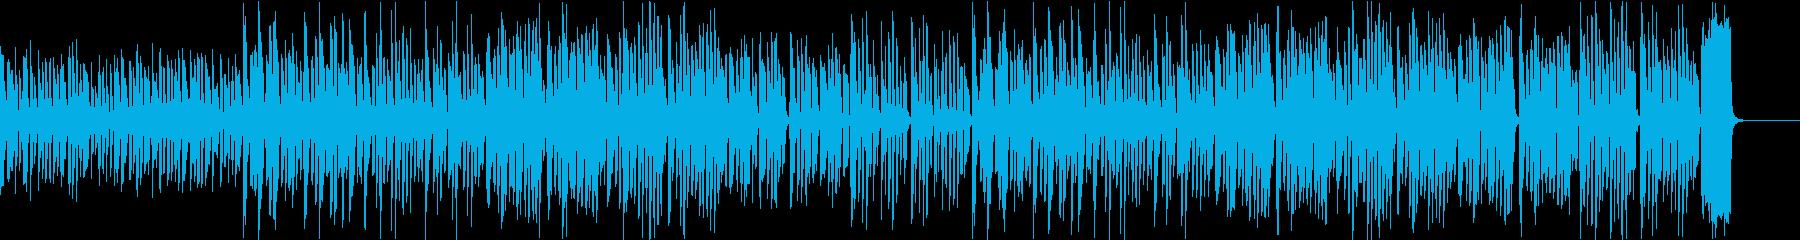 動画向け ゆるい雰囲気のリコーダーBGMの再生済みの波形